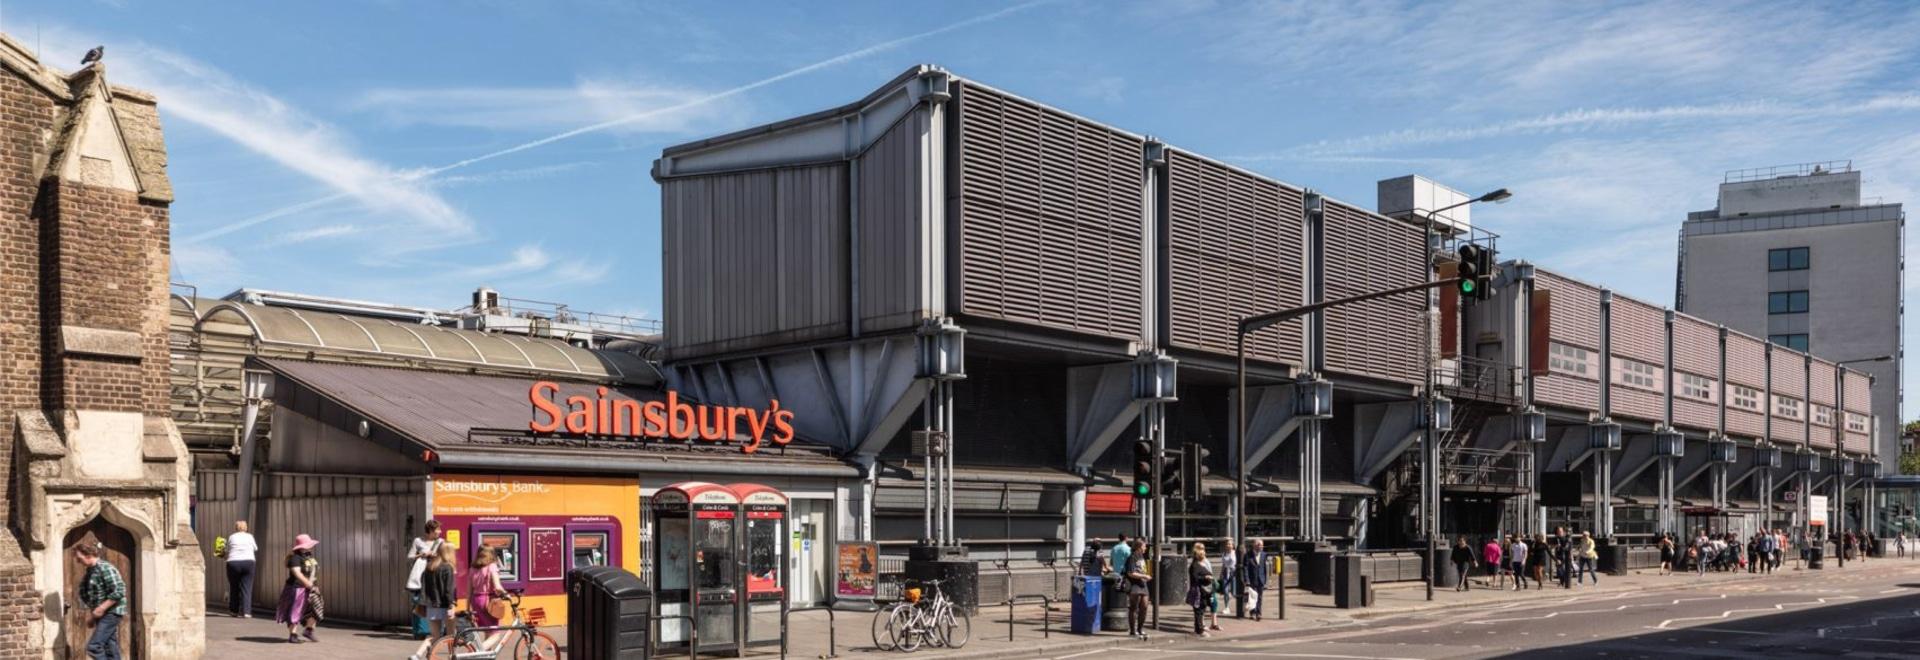 """Grimshaws """"unapologetisch futuristischer"""" Sainsbury's Supermarkt wurde zum Kulturerbe erklärt"""